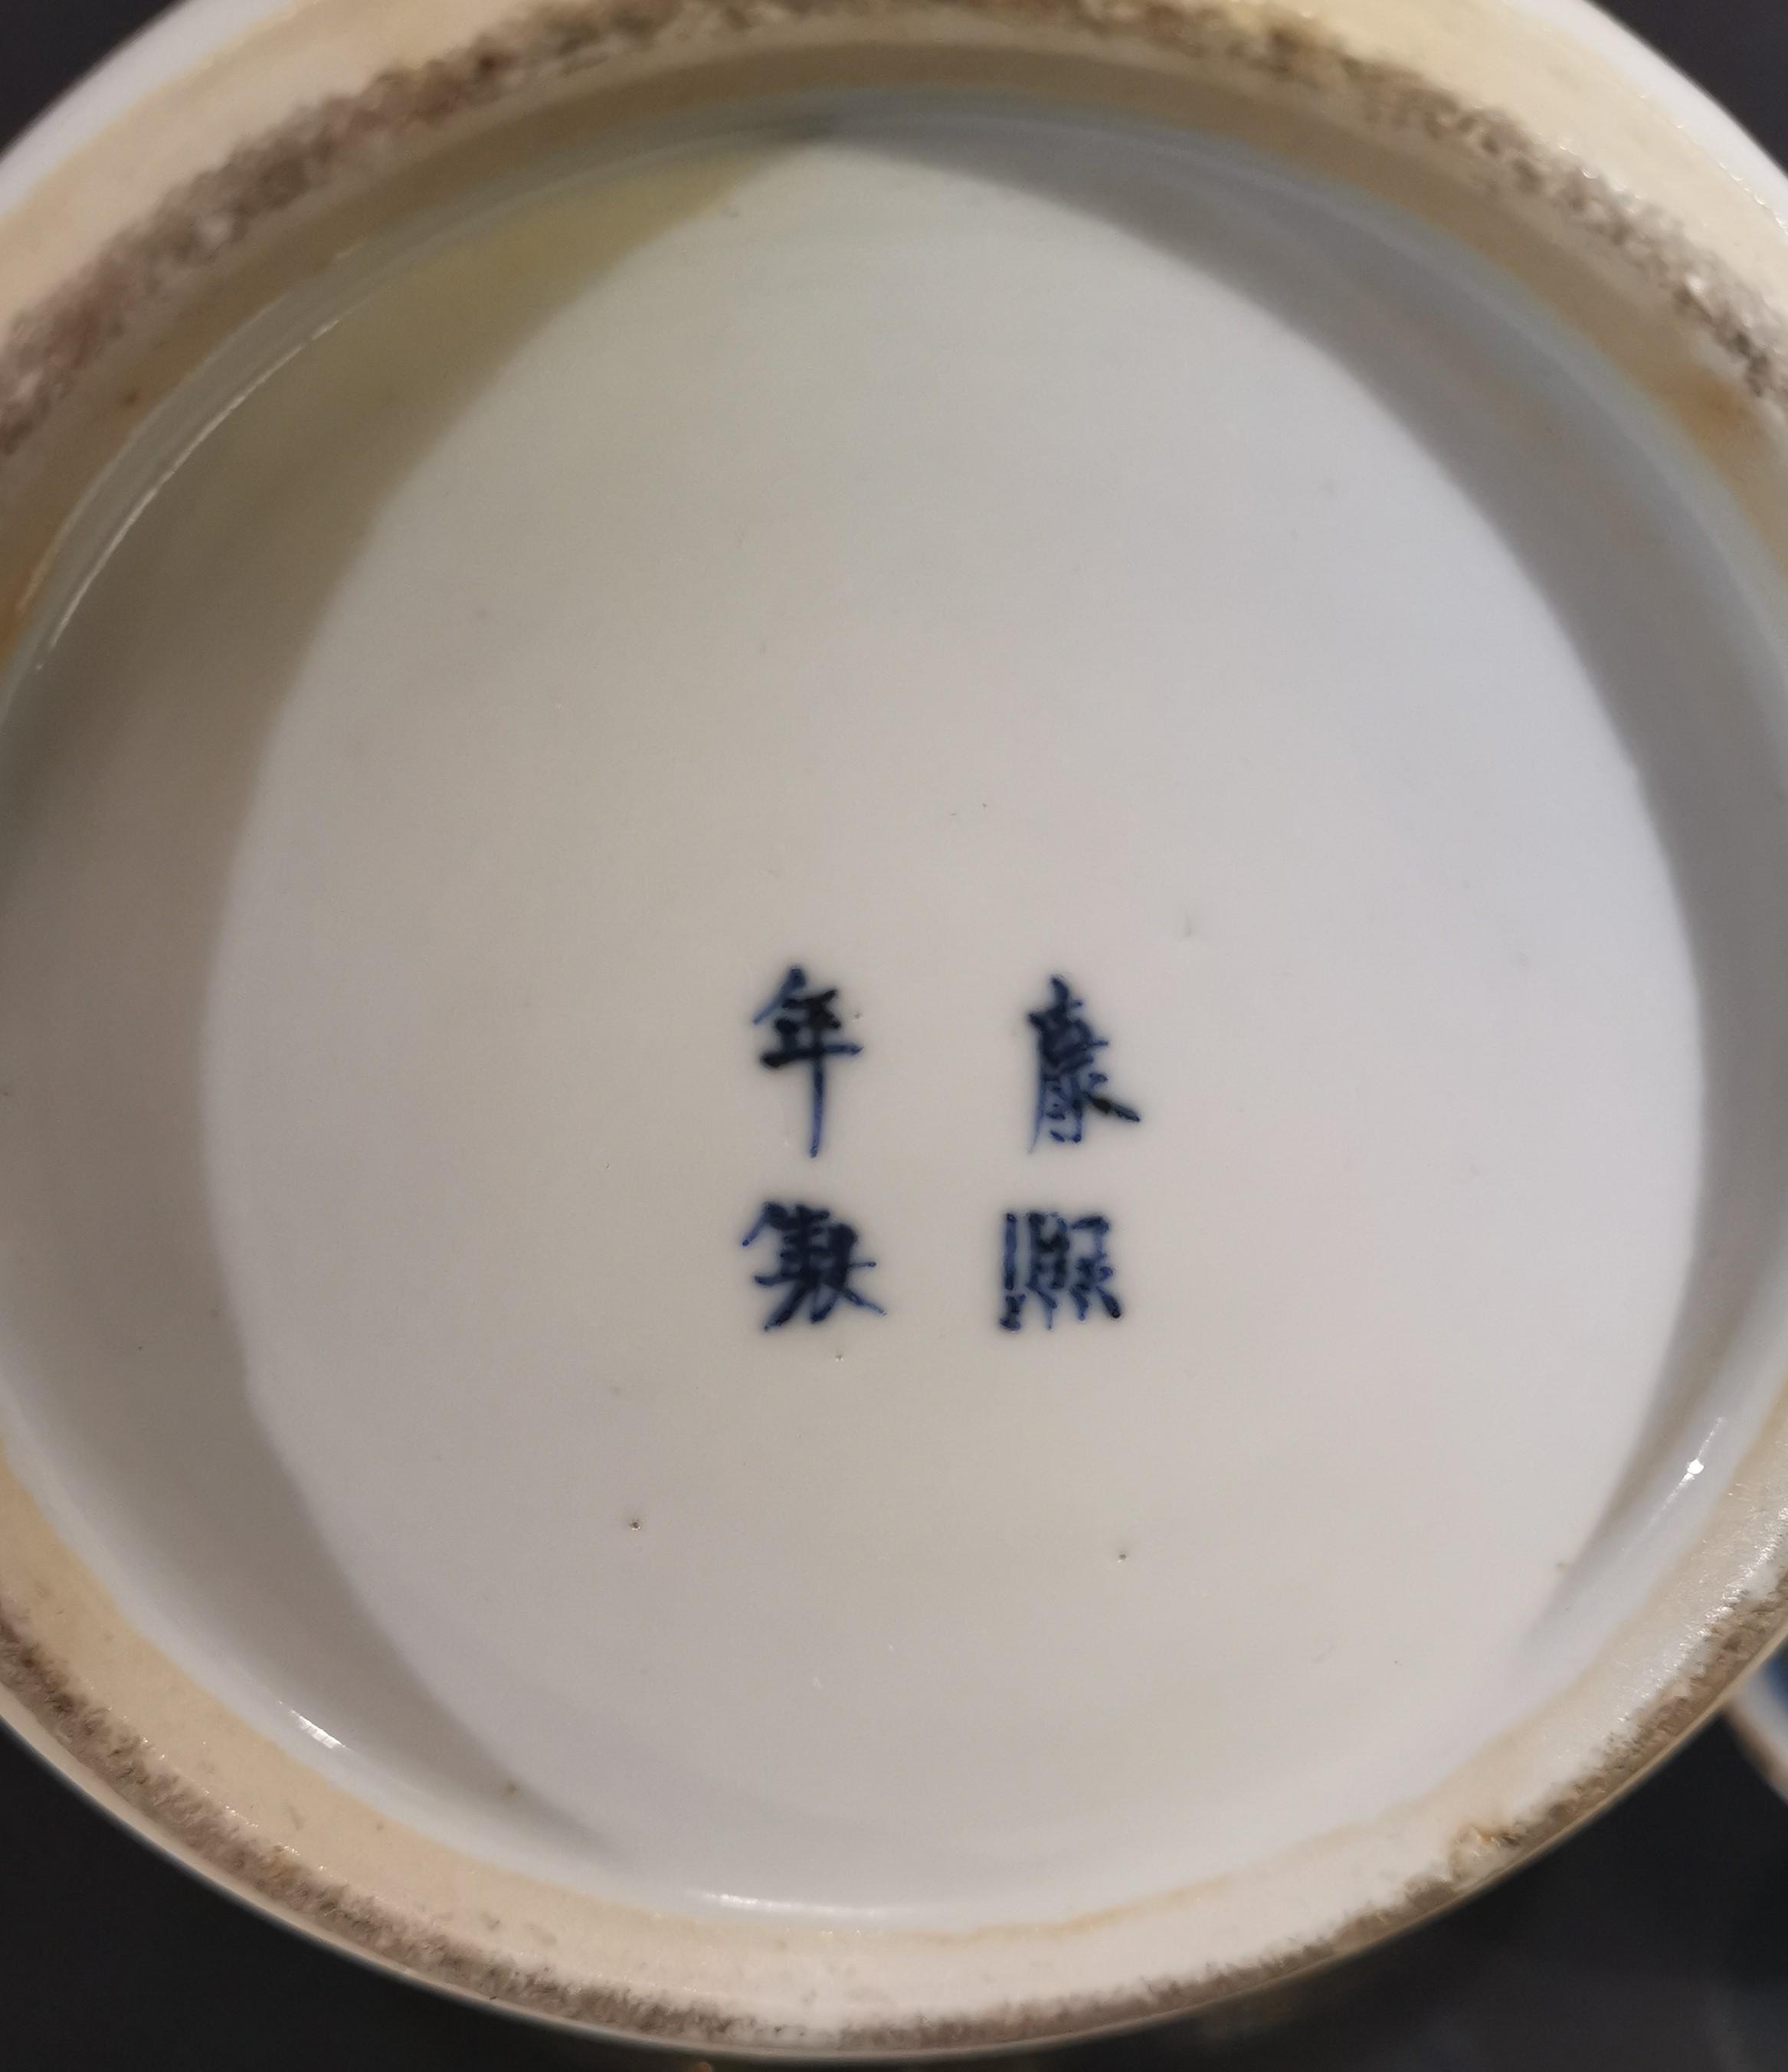 Vase couvert en porcelaine famille rose et bleu blanc Chine, fin du XIXème siècle [...] - Image 5 of 5